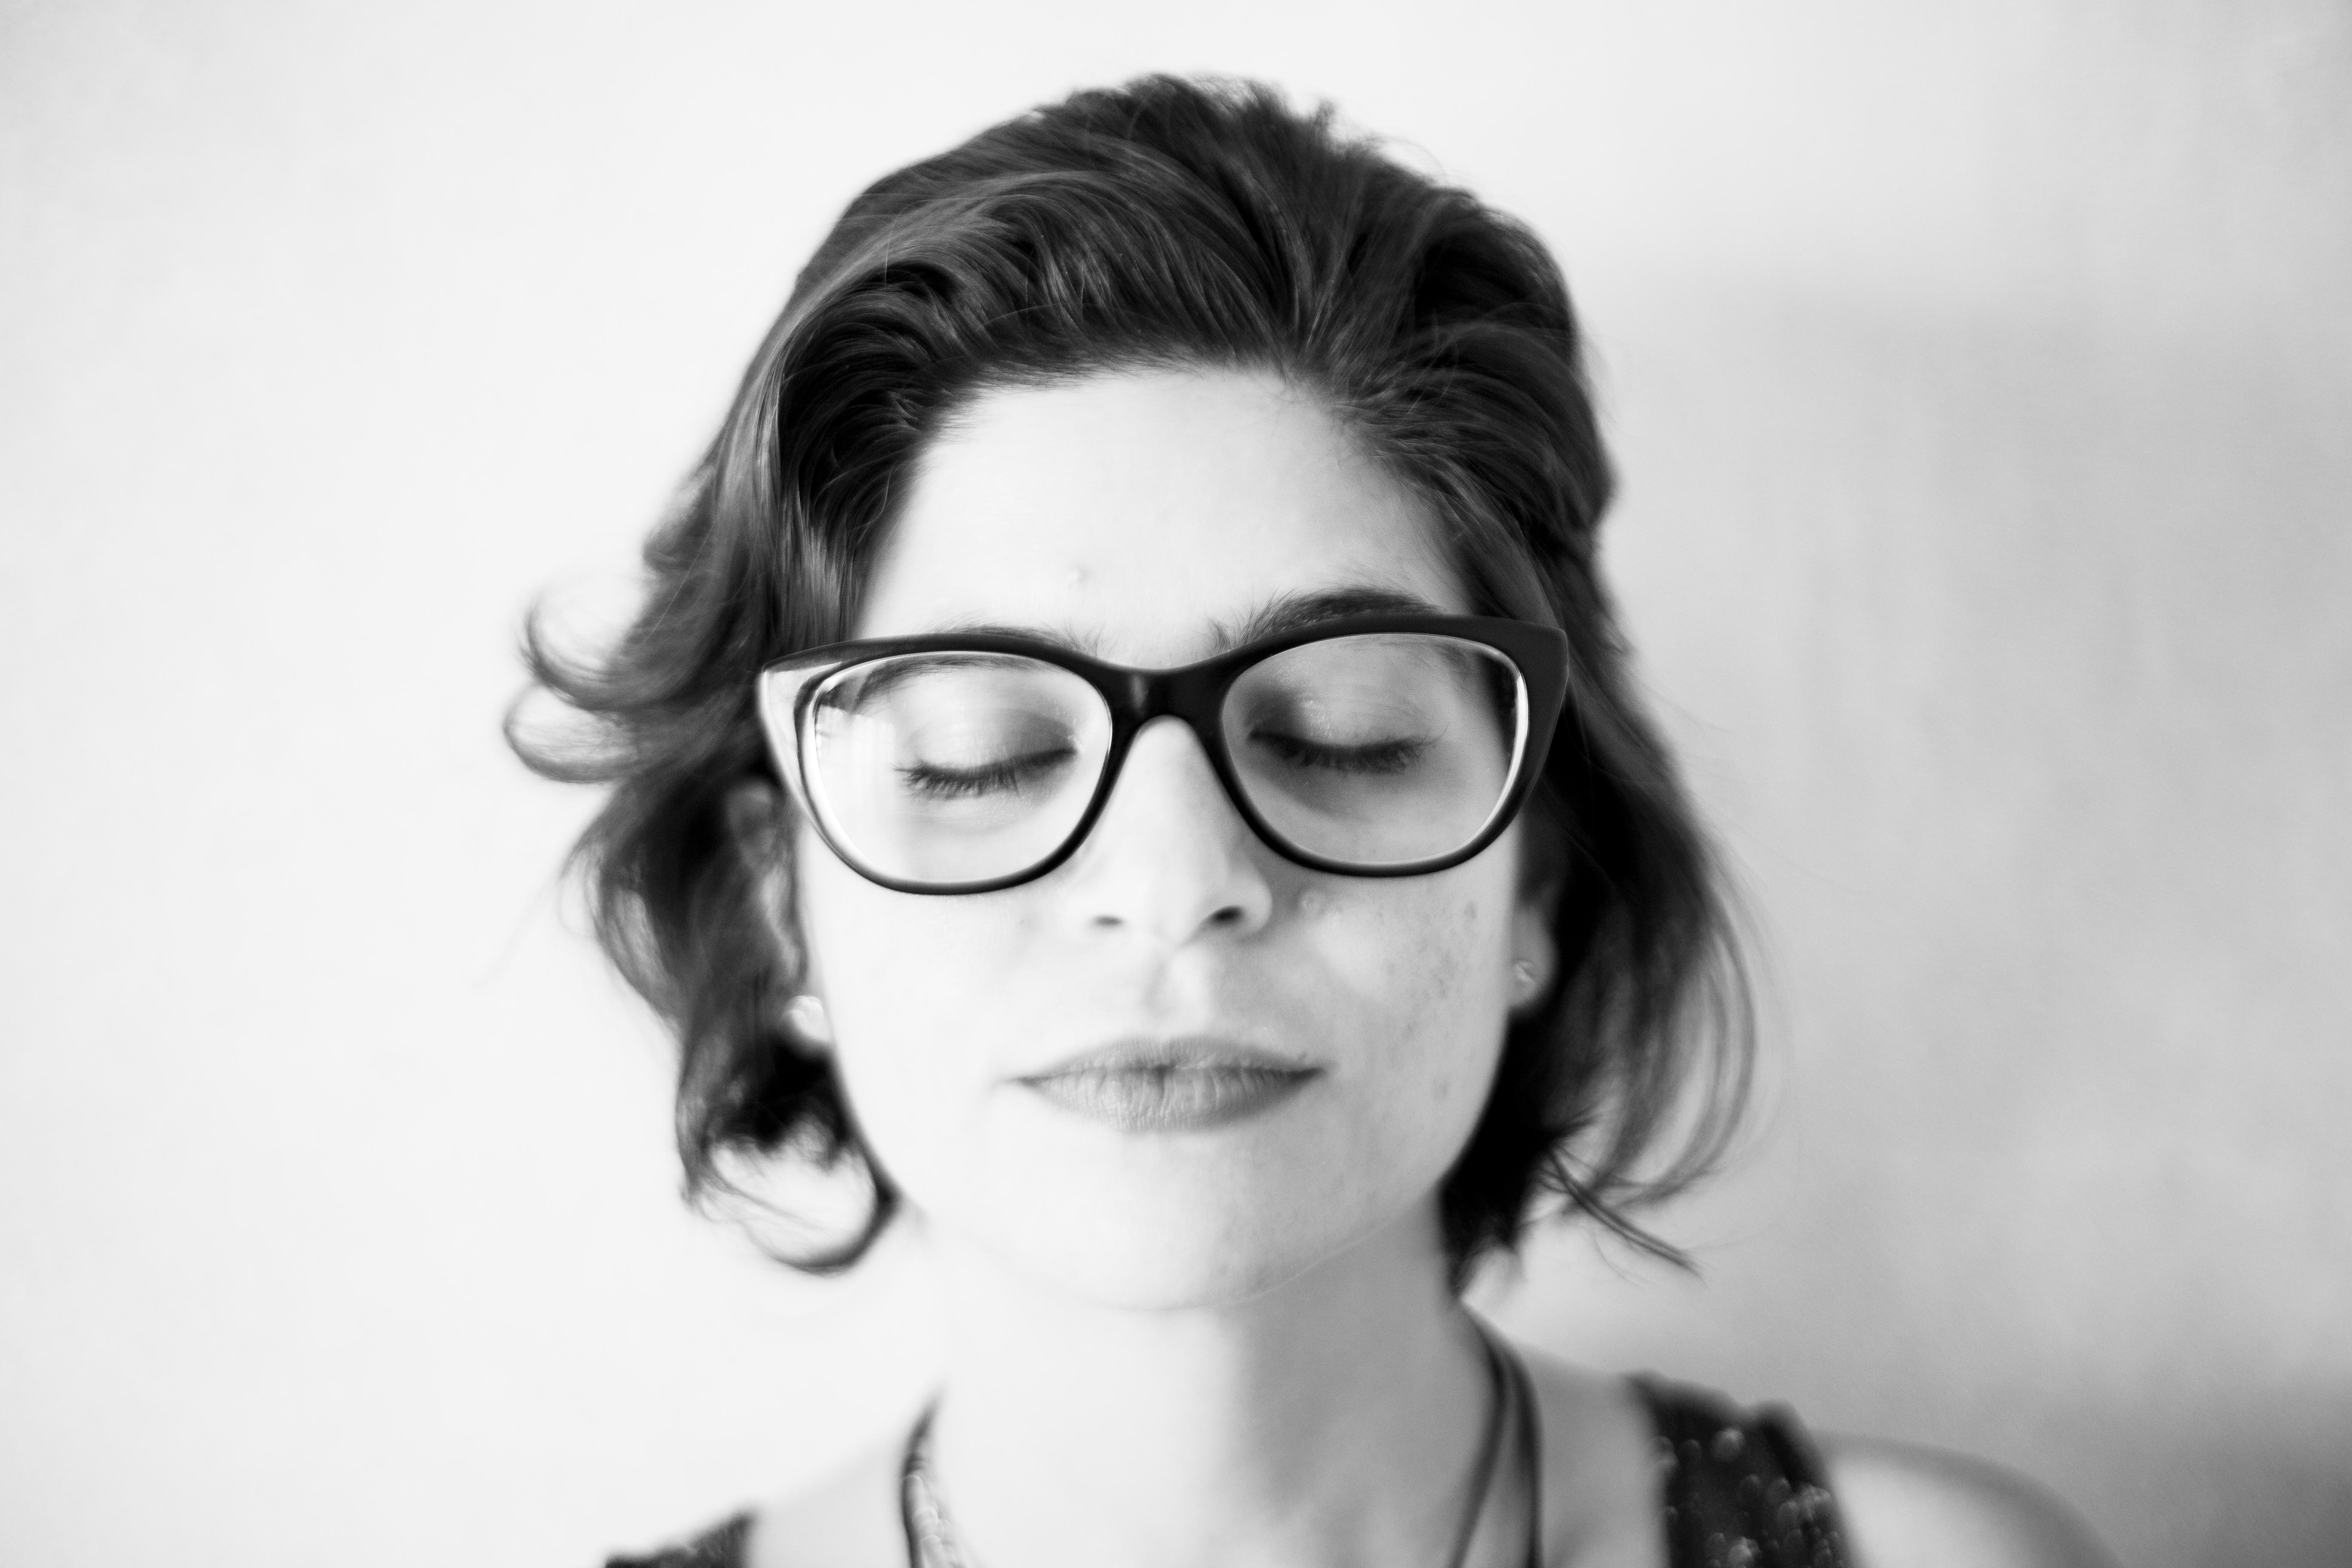 Tarô e autoconhecimento: entrevista com Tatiana Cruz 1